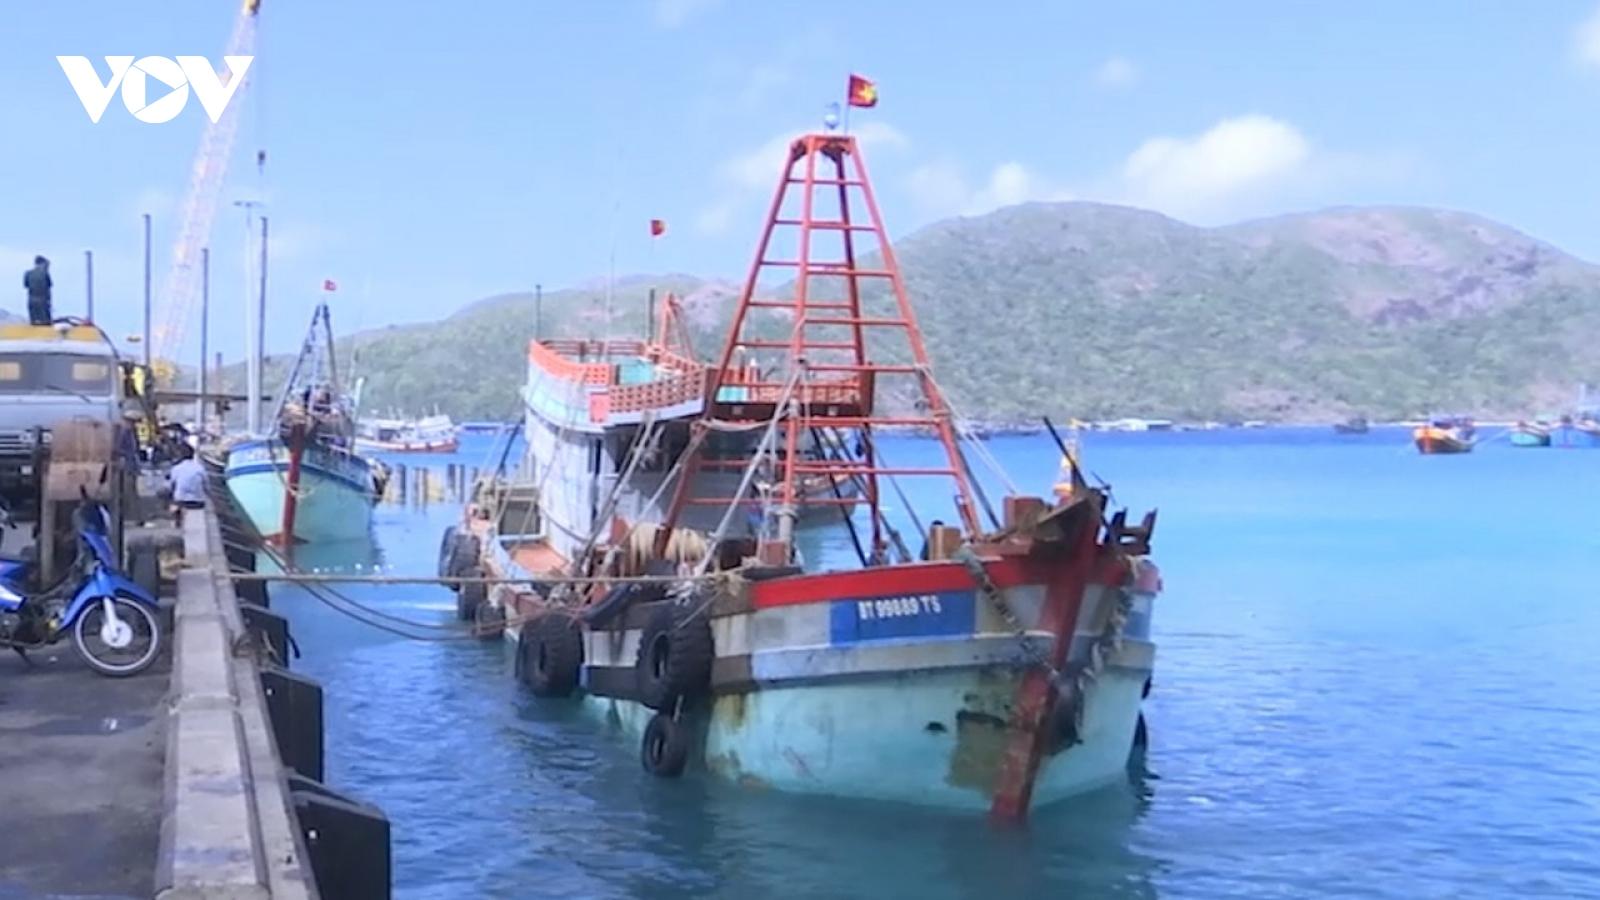 Bà Rịa - Vũng Tàu bắt tàu cá vận chuyển 180.000 lít dầu DO không rõ nguồn gốc